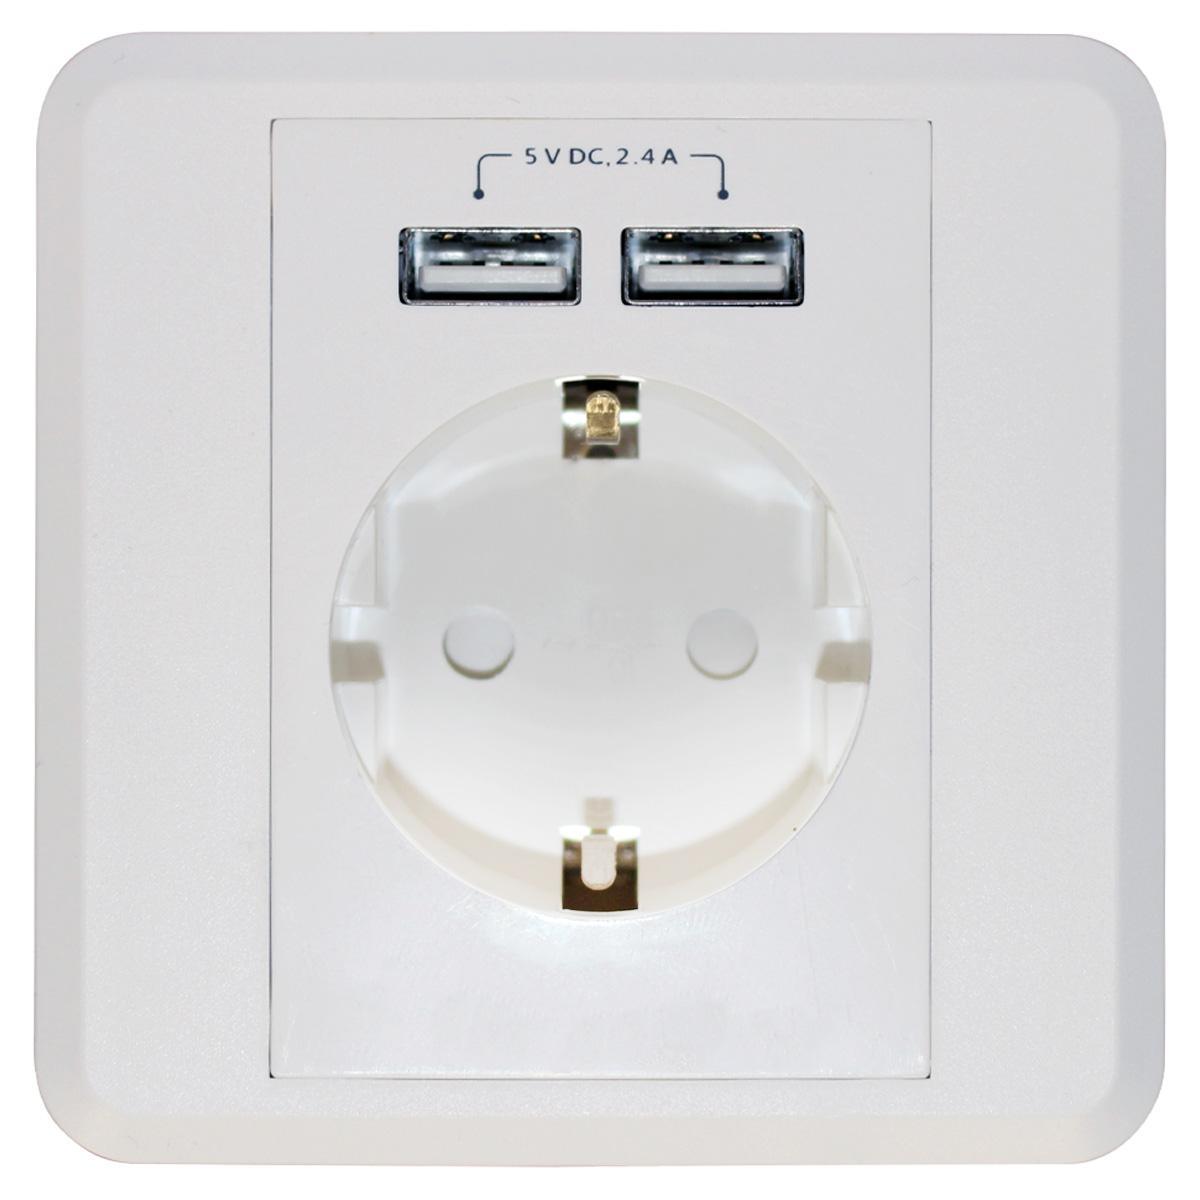 Bekend Inbouw Stopcontact - Met USB - Inbouw Stopcontact - Wit, Met UD21